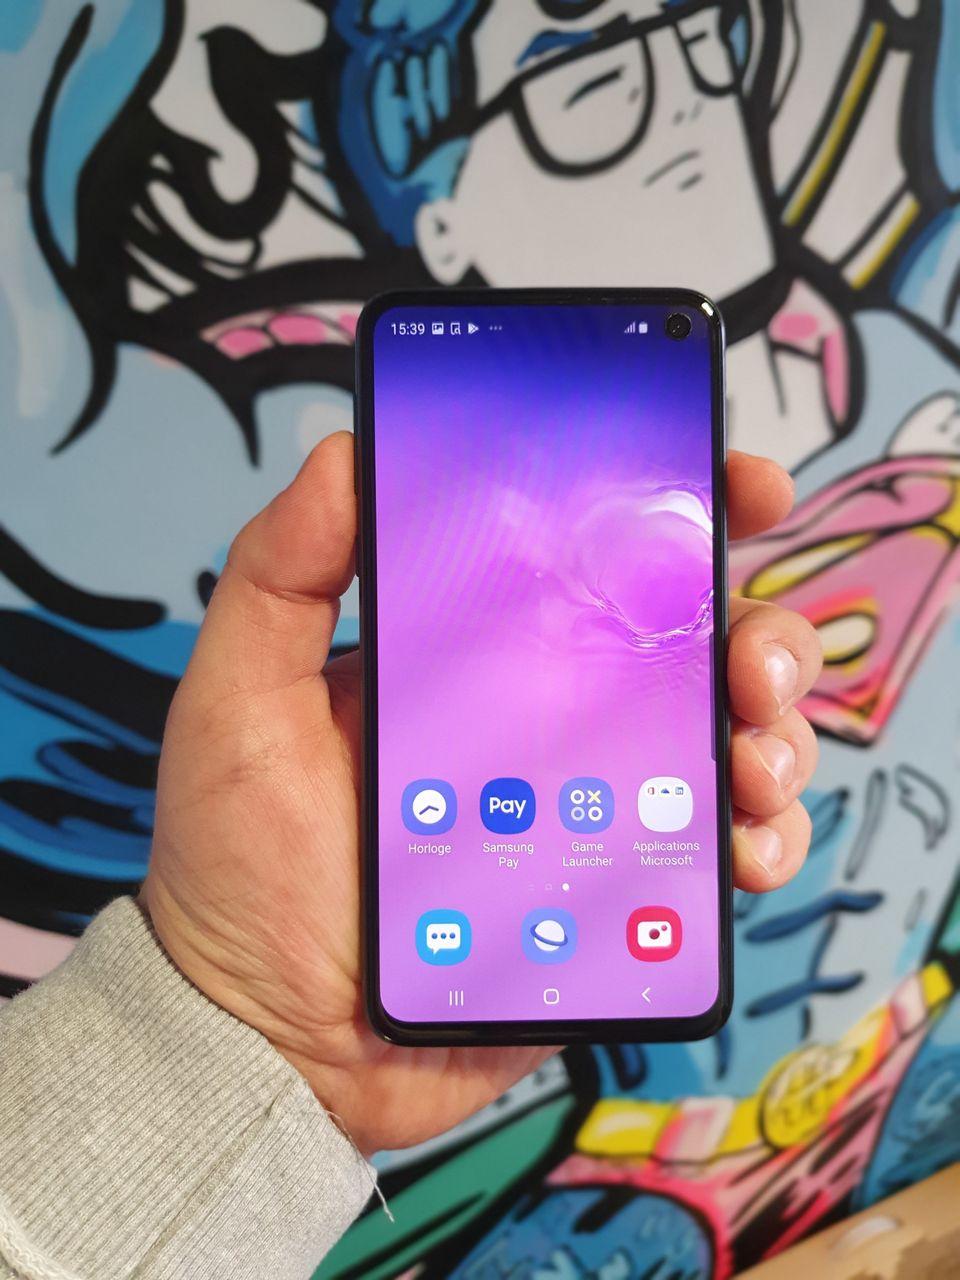 L'écran du Samsung Galaxy S10E en luminosité maximale photographié avec le Samsung Galaxy S10